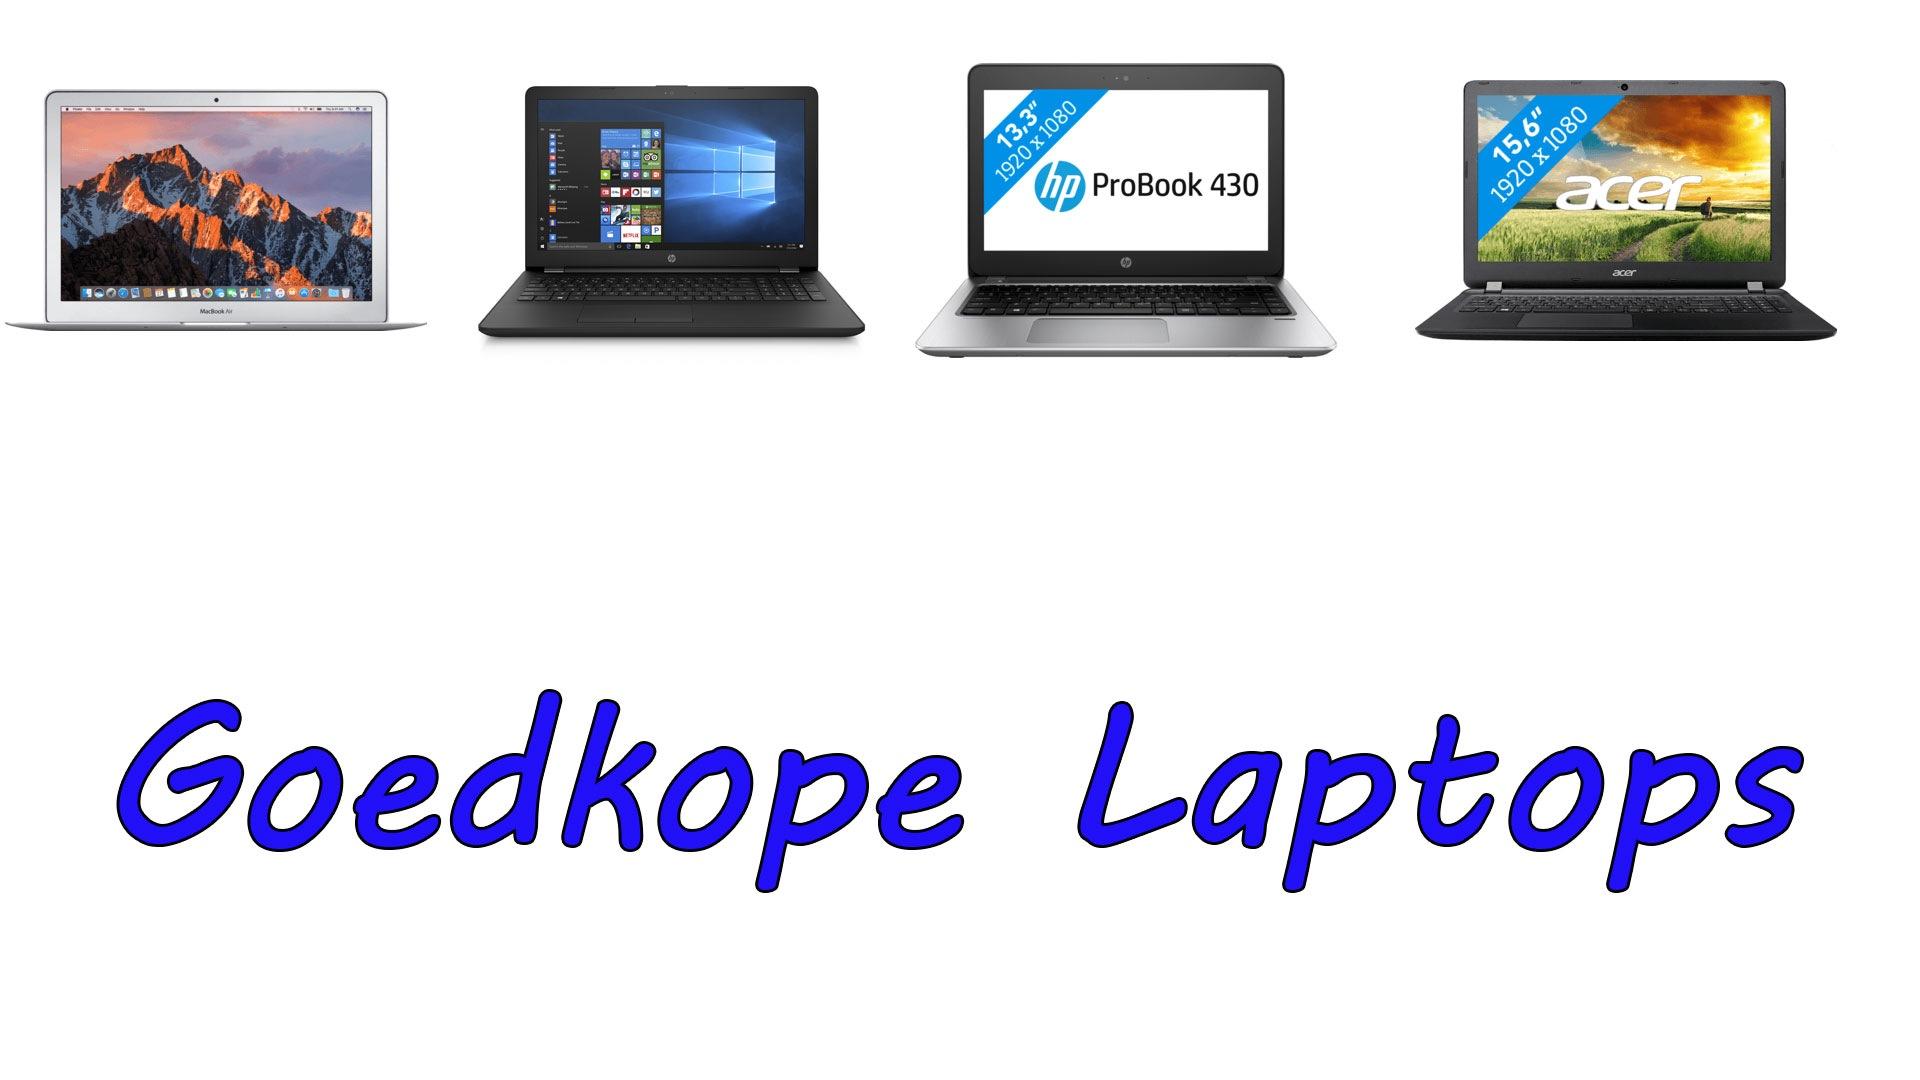 Goedkope laptops